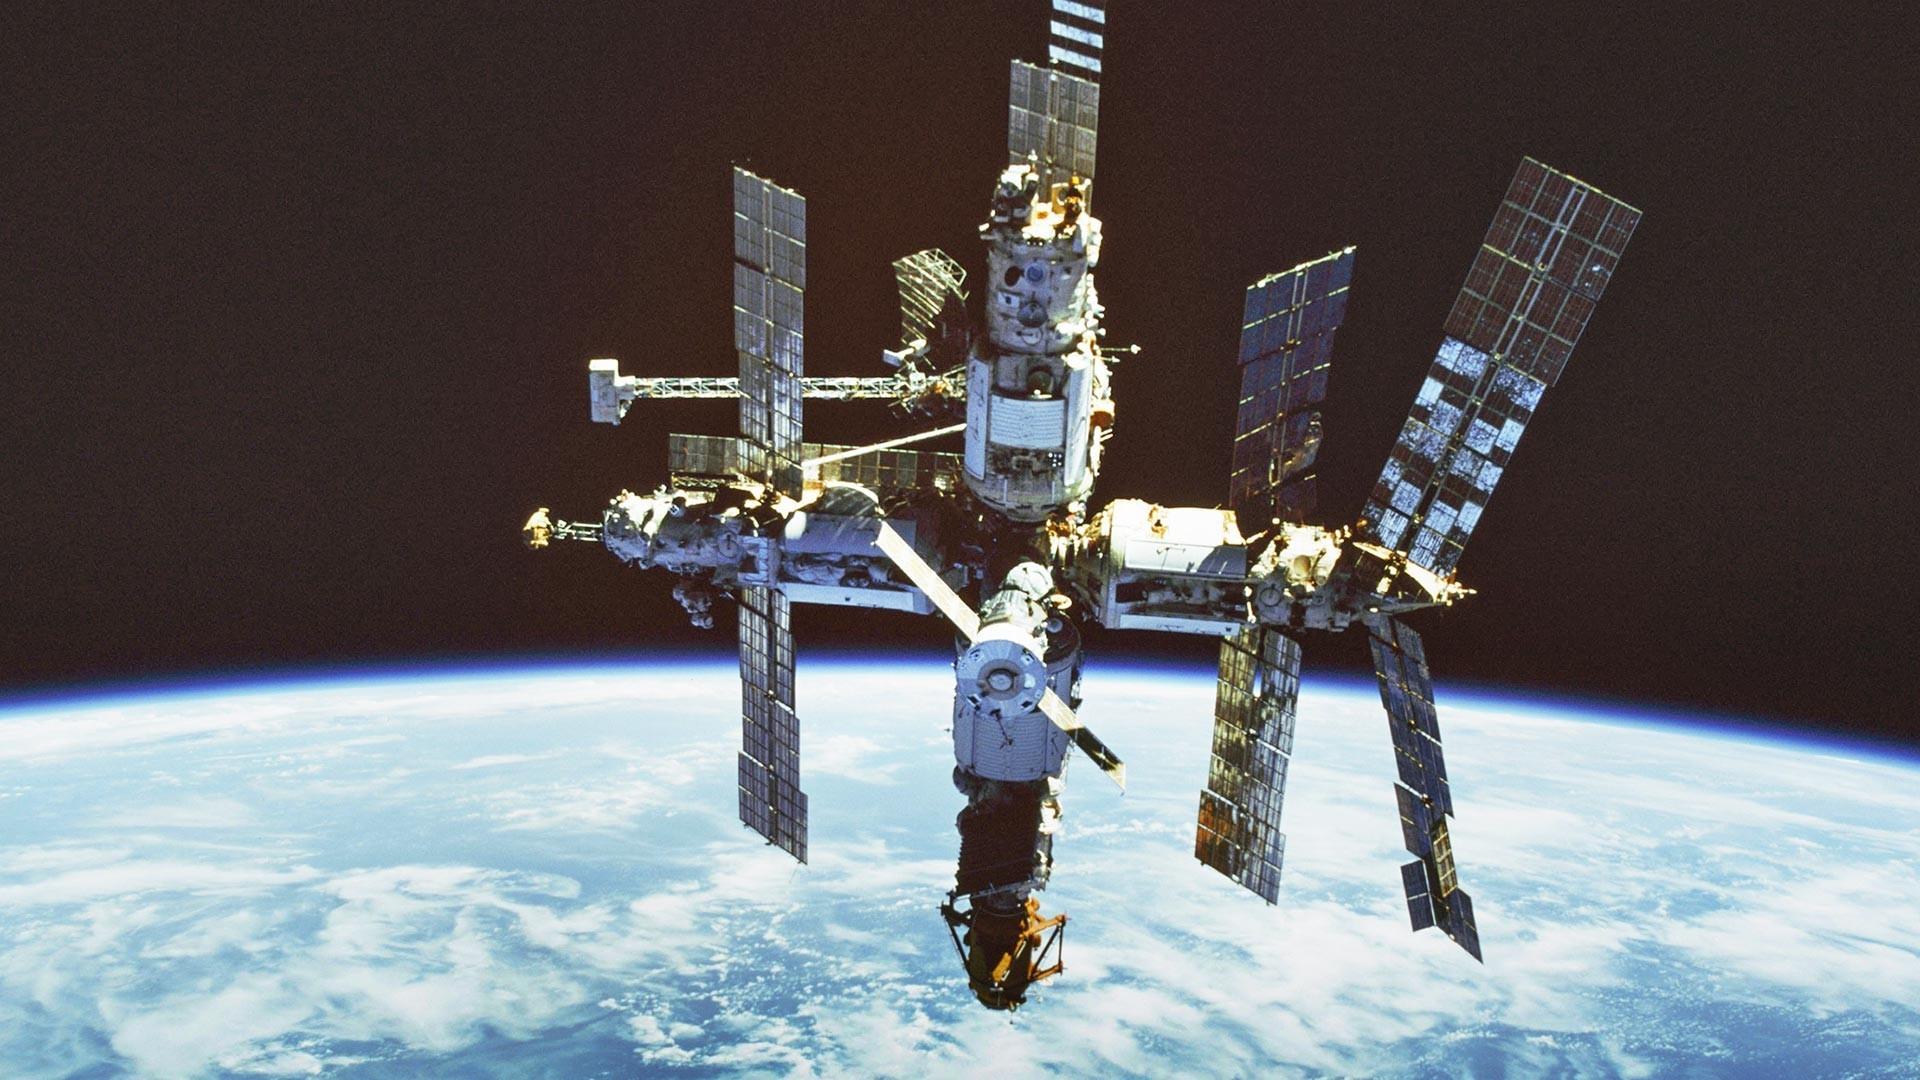 Vesoljska postaja Mir (v orbiti od 1986 do 2001)